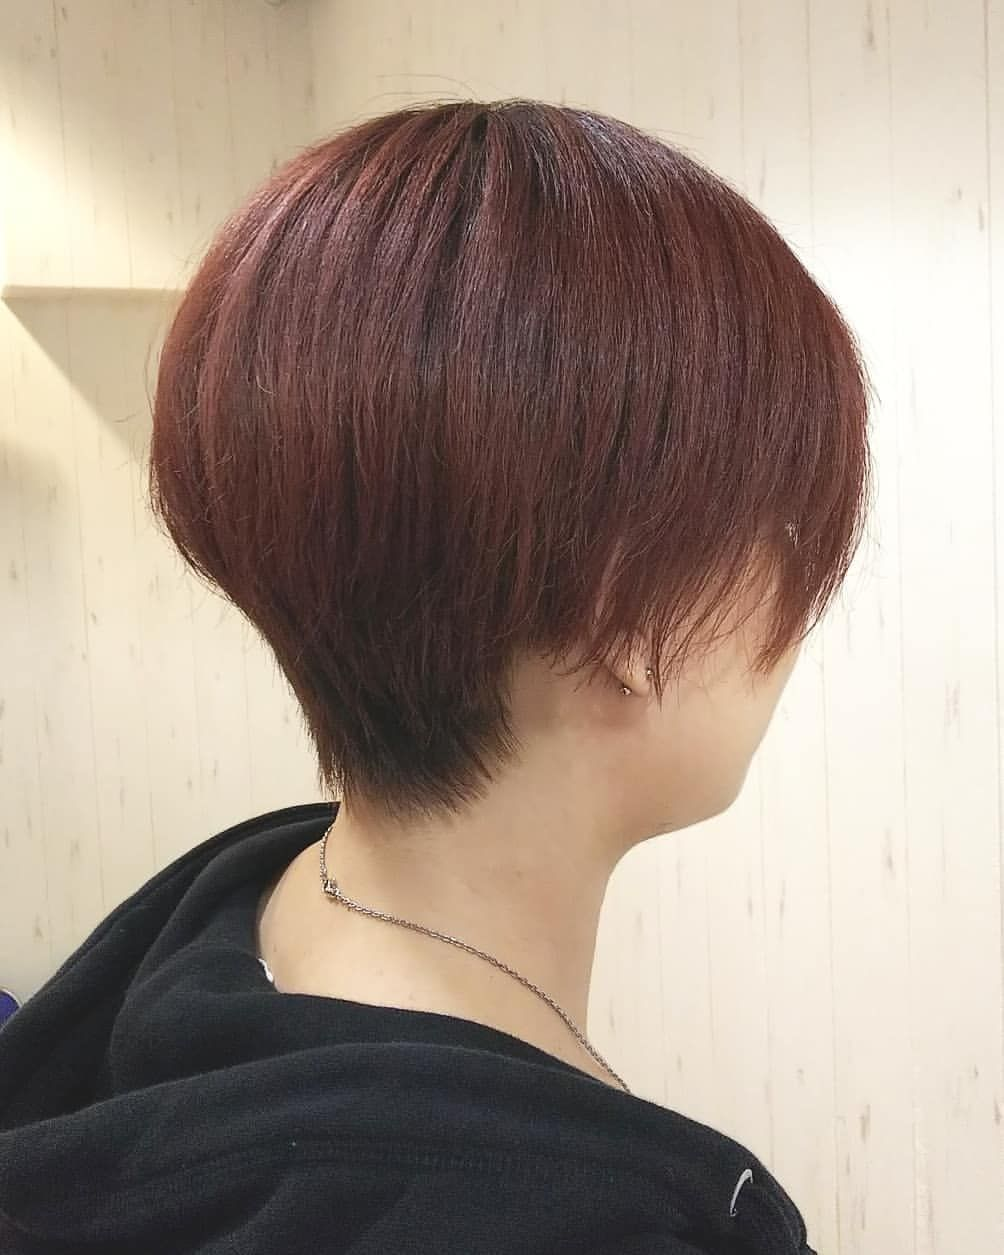 T S Hair Refine 代表 安齋智裕はinstagramを利用しています こんにちは 今週もご来店お待ちしております メリハリのあるシルエットが綺麗なショートスタイル 前回のグリーンカラーも個性的で素敵でしたが セルフカラーで染め セルフカラー